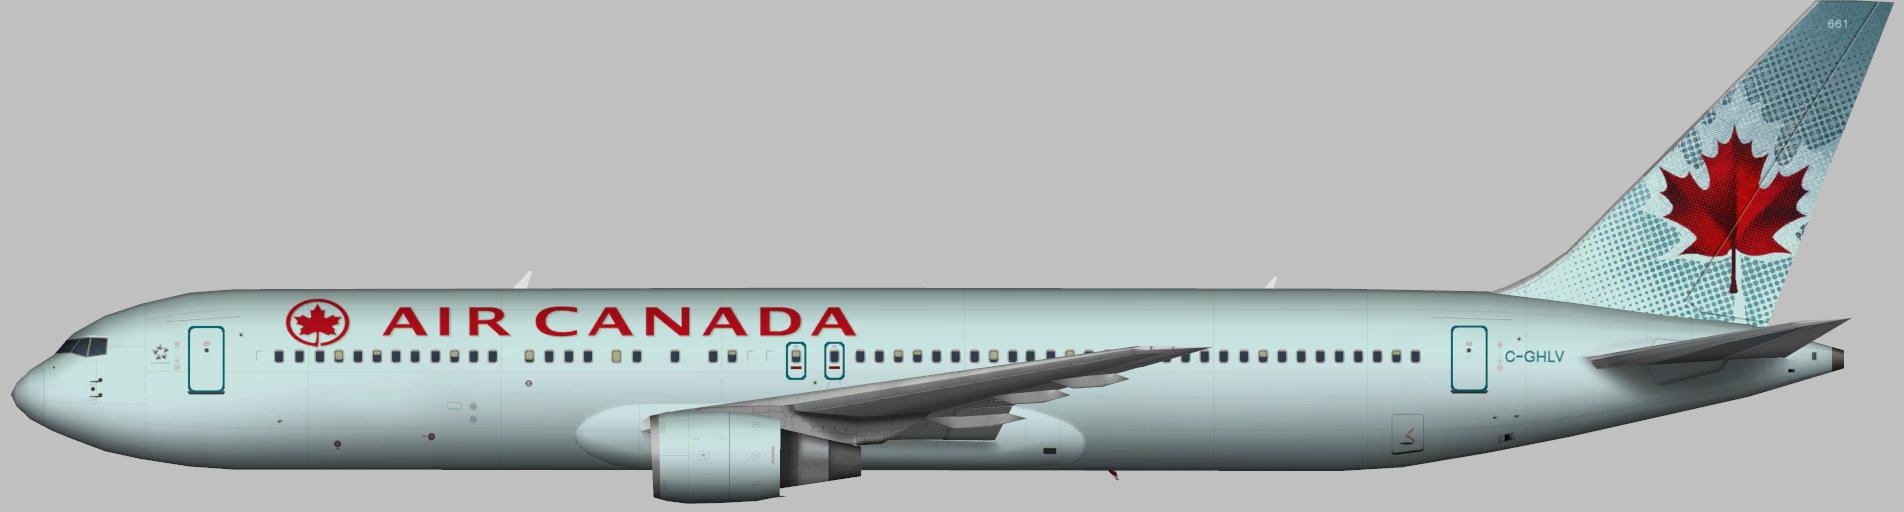 Air Canada Boeing 767-300 – Garry Lewis – Juergen's paint ...